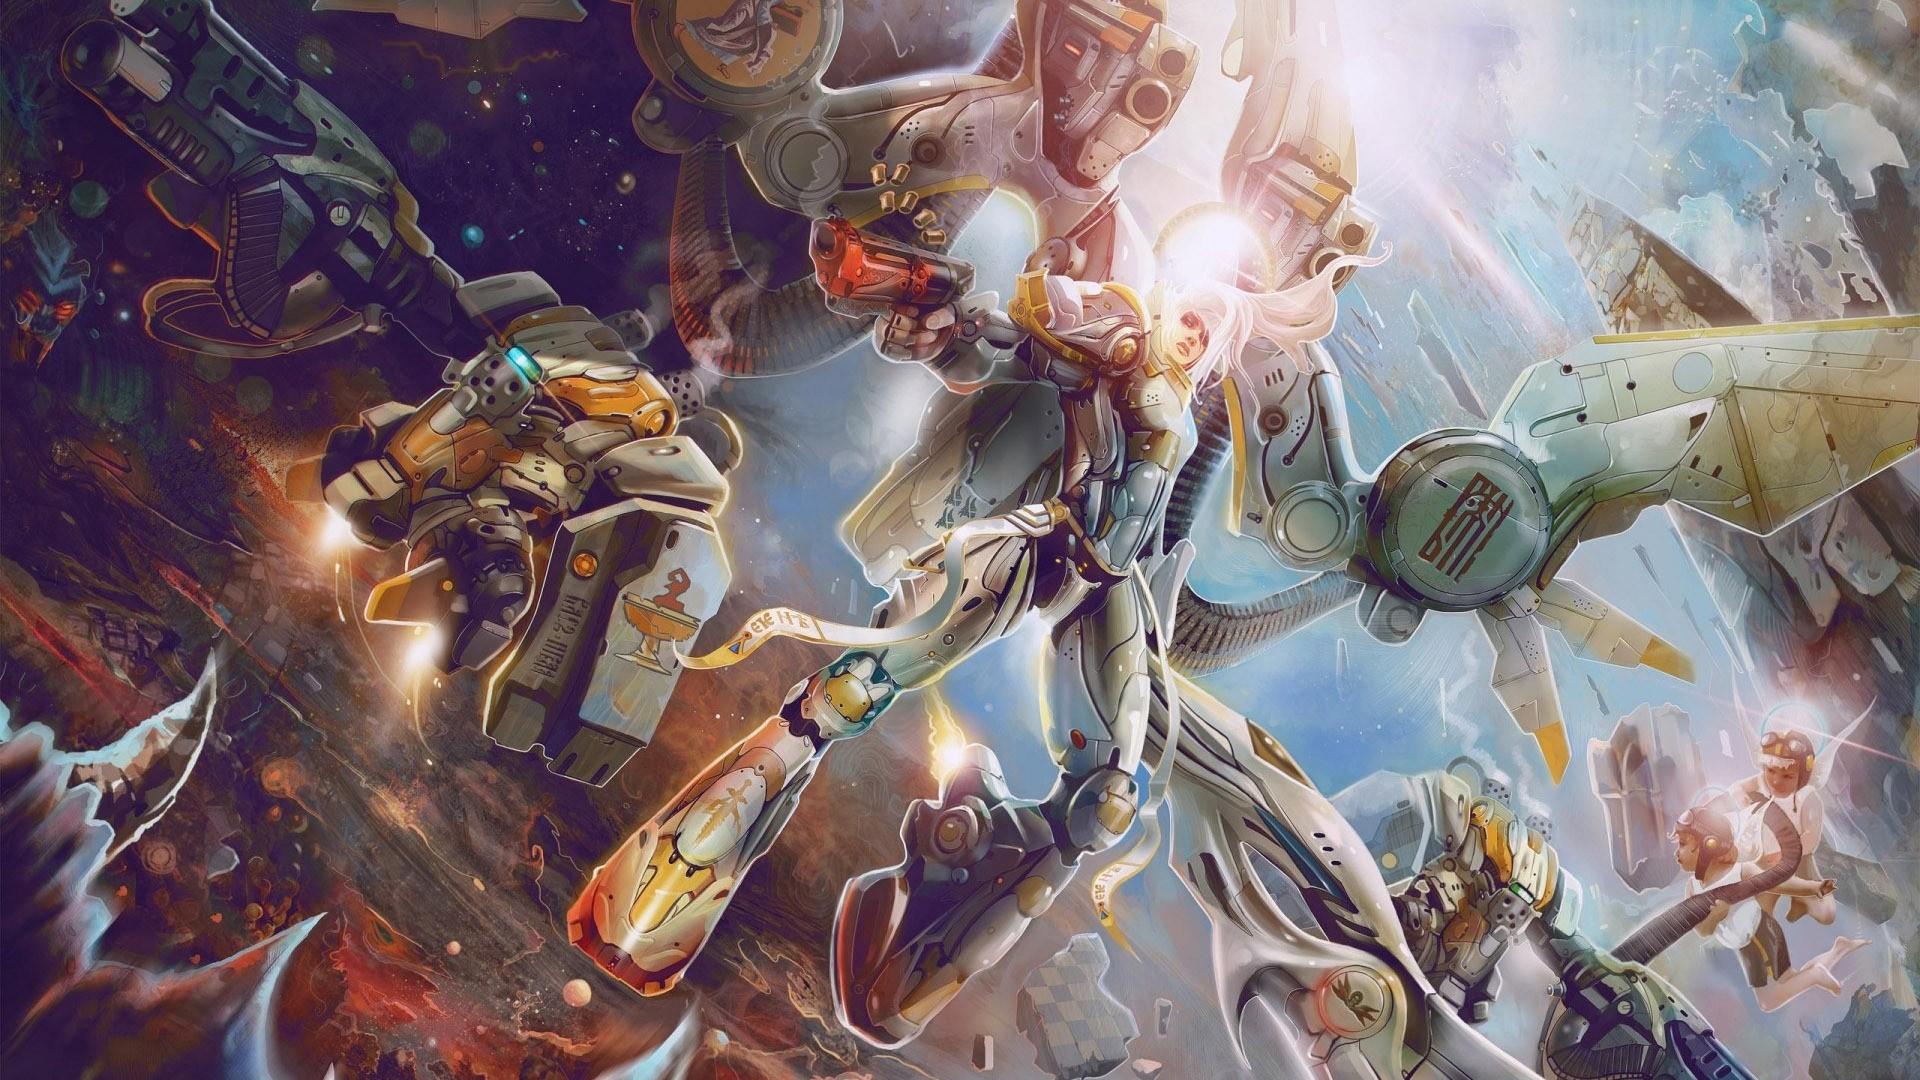 デスクトップ壁紙 女性 ファンタジーアート アニメ ロボット 戦い アートワーク コンセプトアート